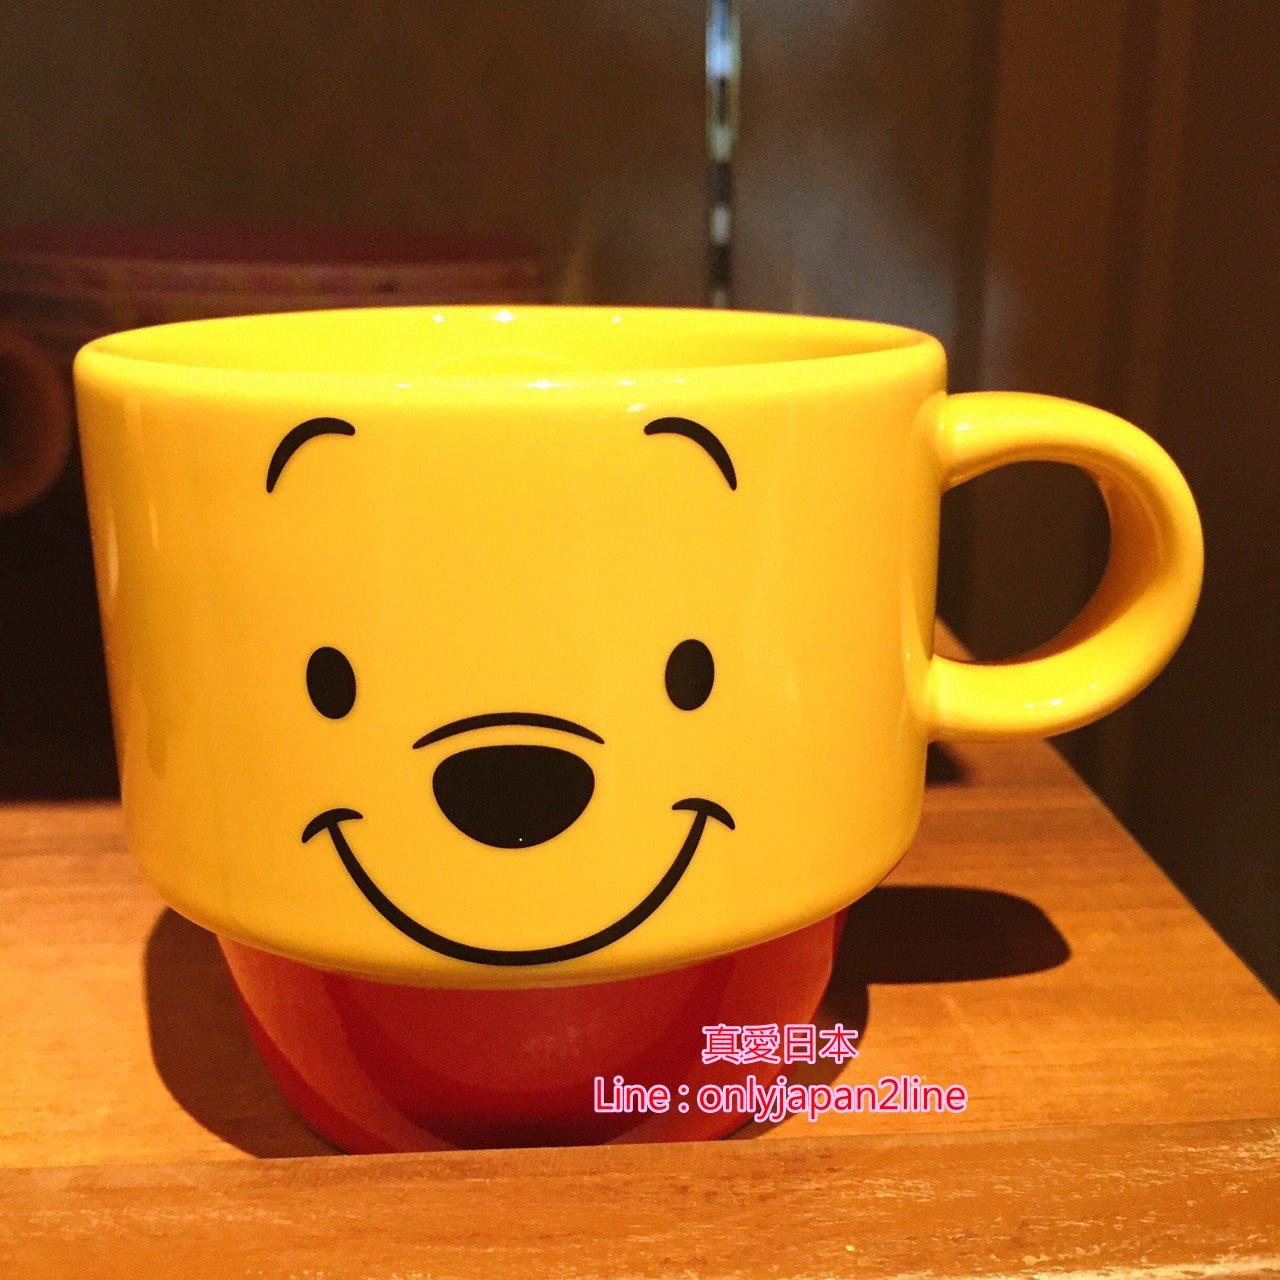 【真愛日本】16091200024樂園限定疊疊馬克杯-經典維尼大臉  迪士尼 維尼家族 POOH  日本帶回 預購